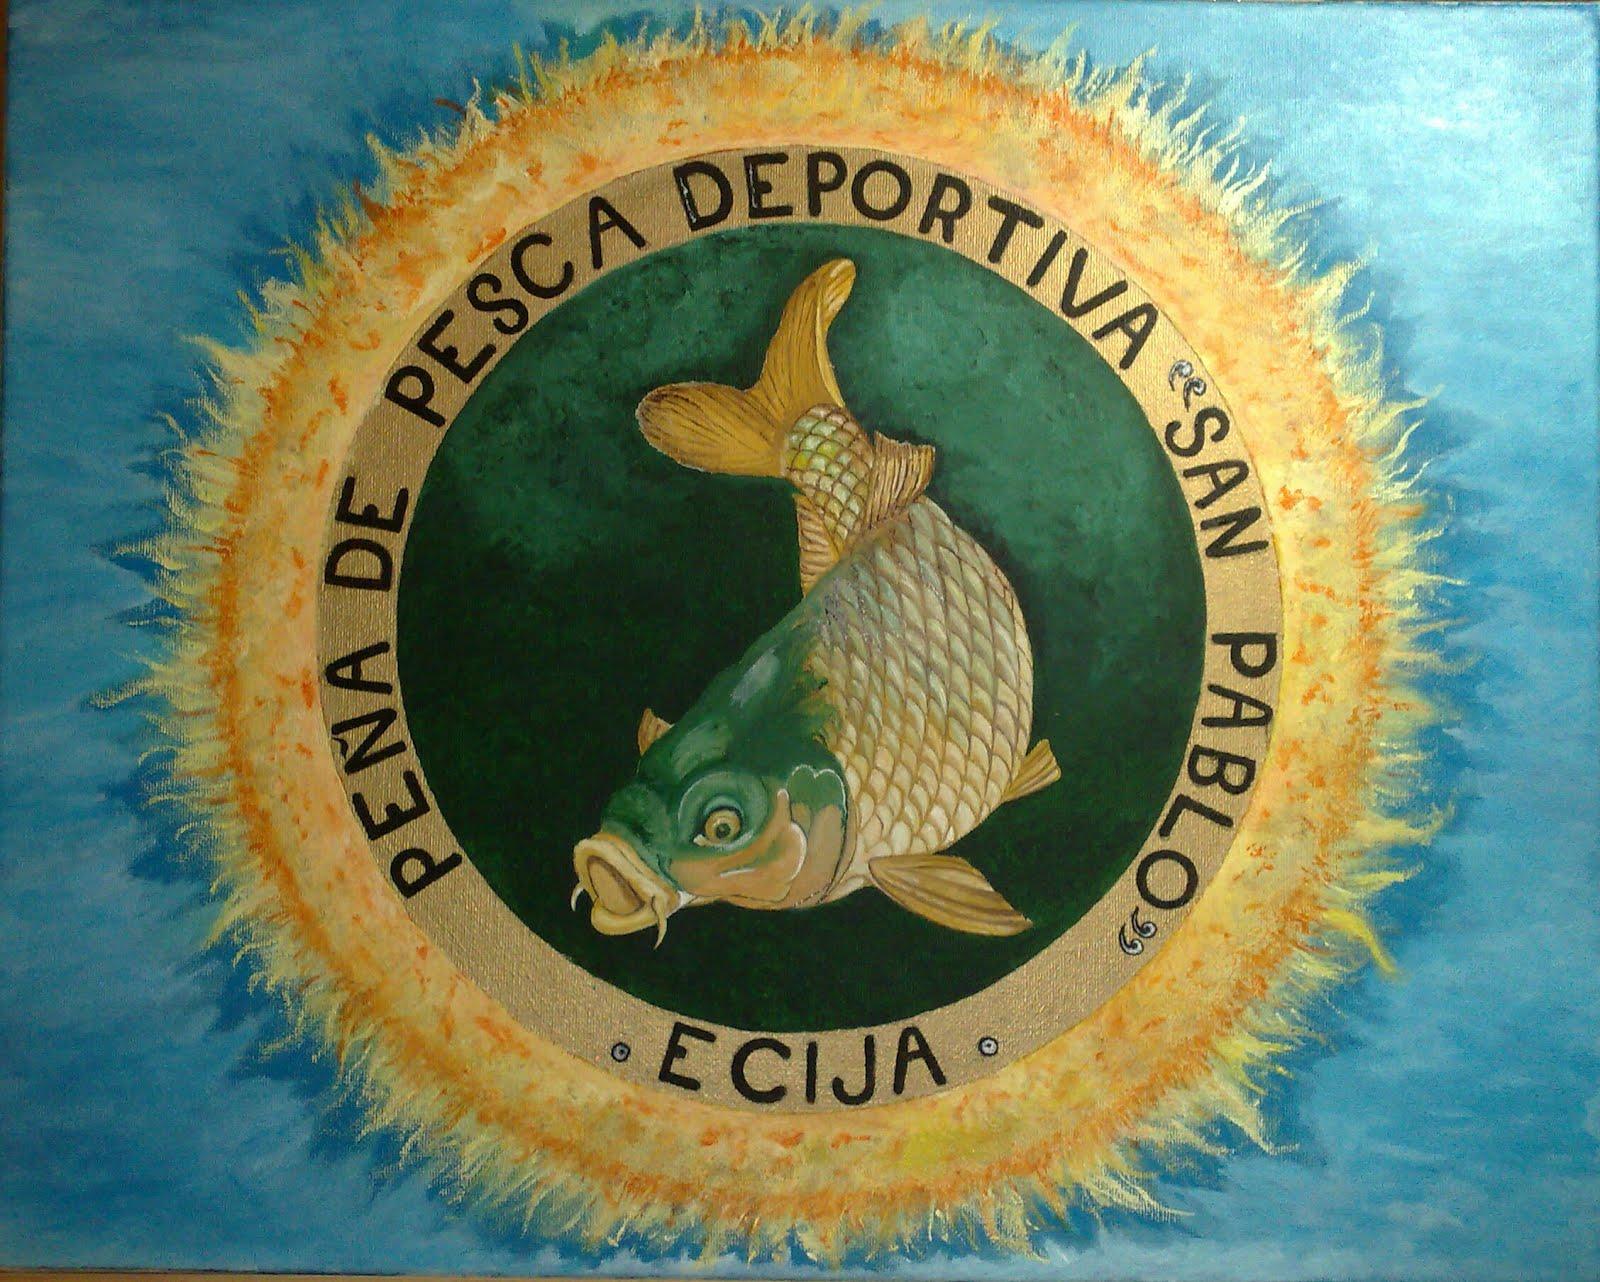 Club Pesca San Pablo Ecija